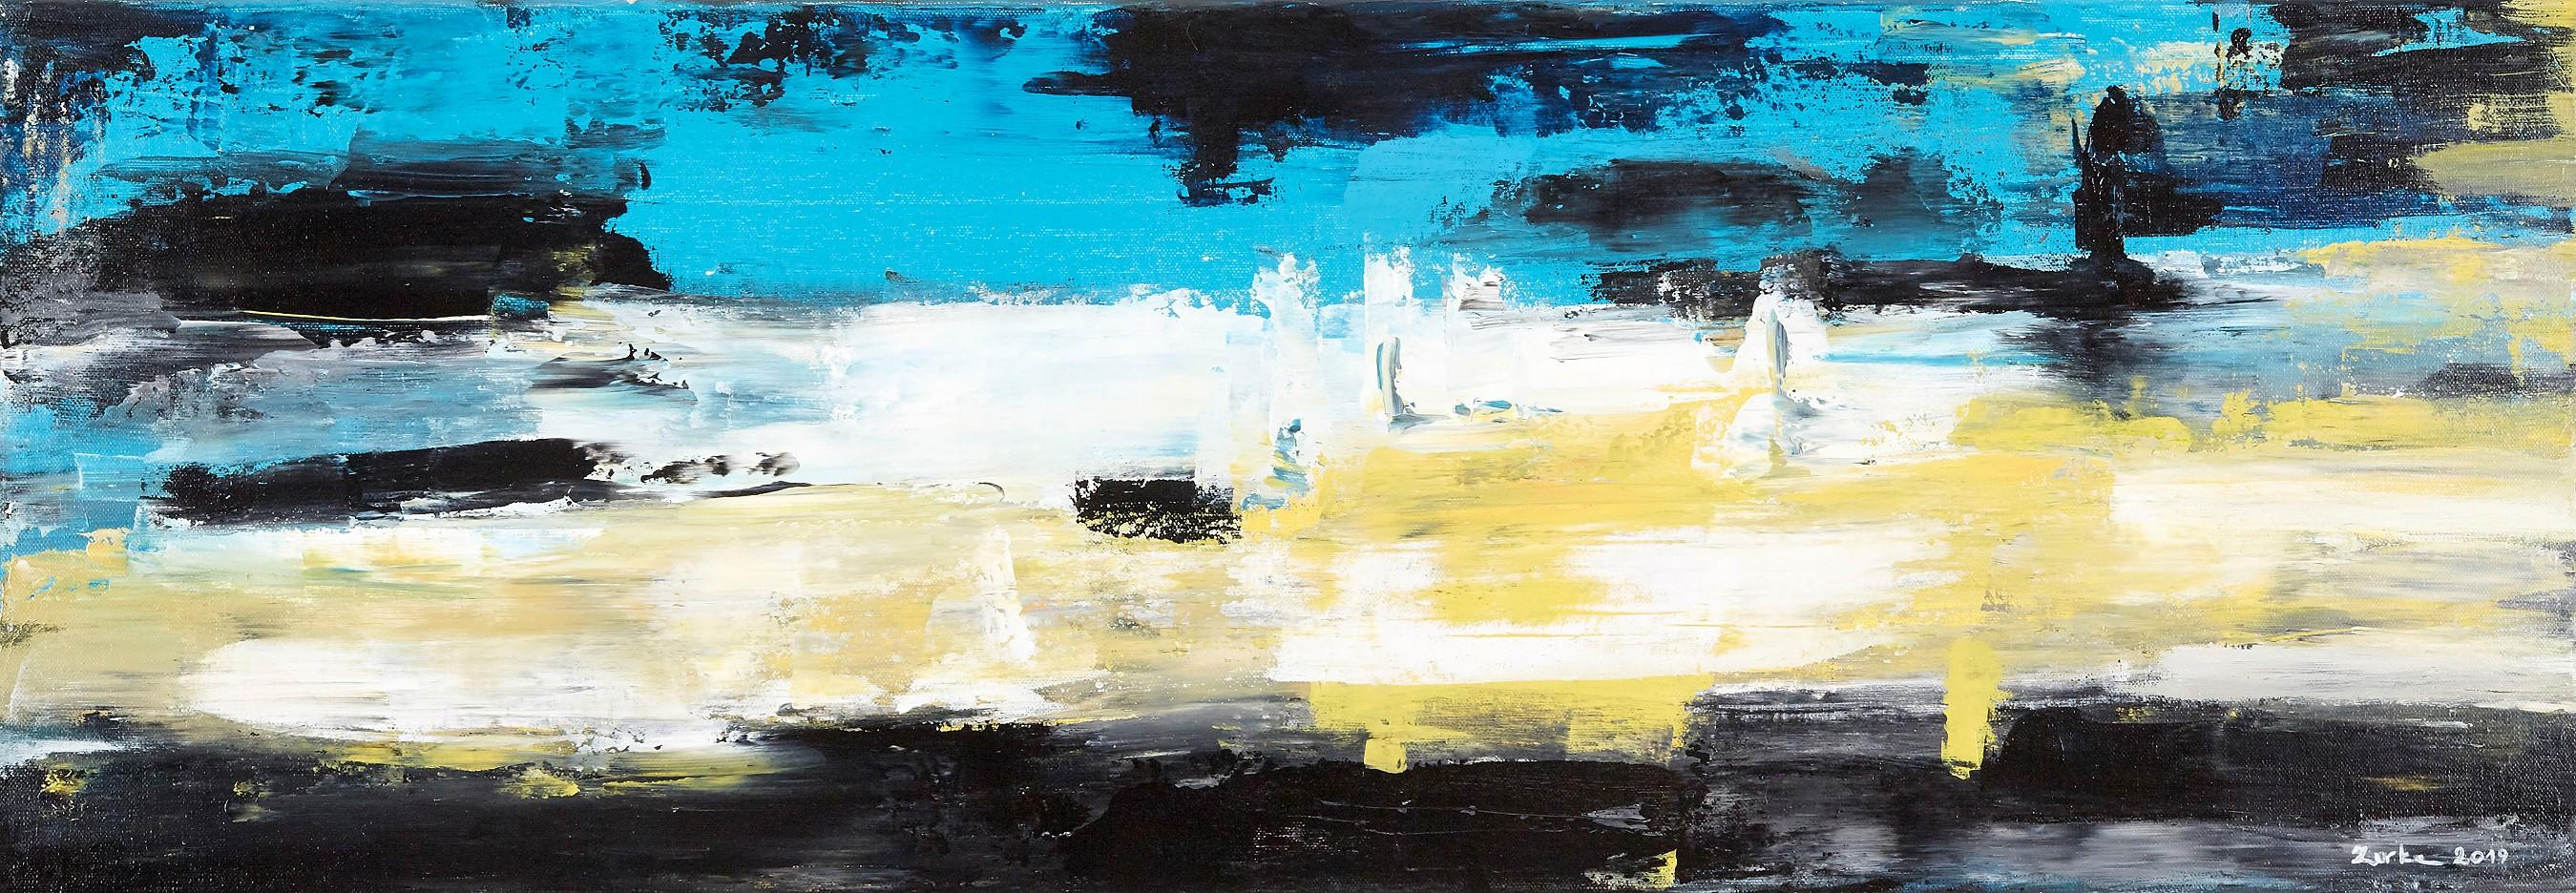 Gelb im Blau